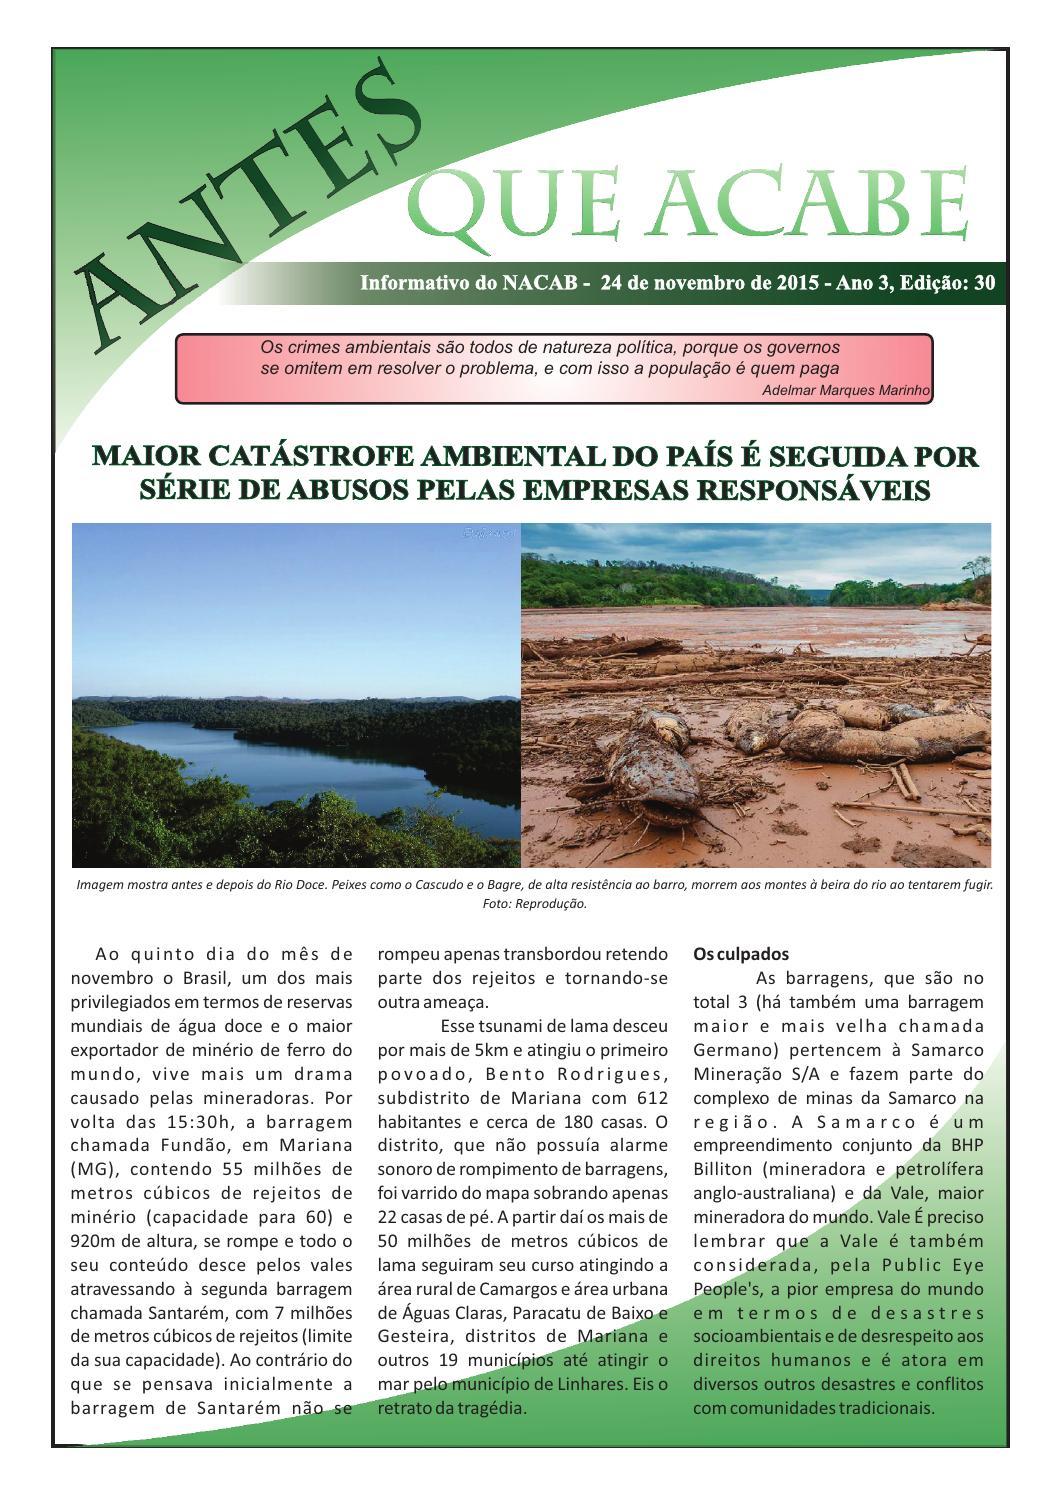 Informativo Antes Que Acabe - Ano 3 - Edição 30 by NACAB - issuu